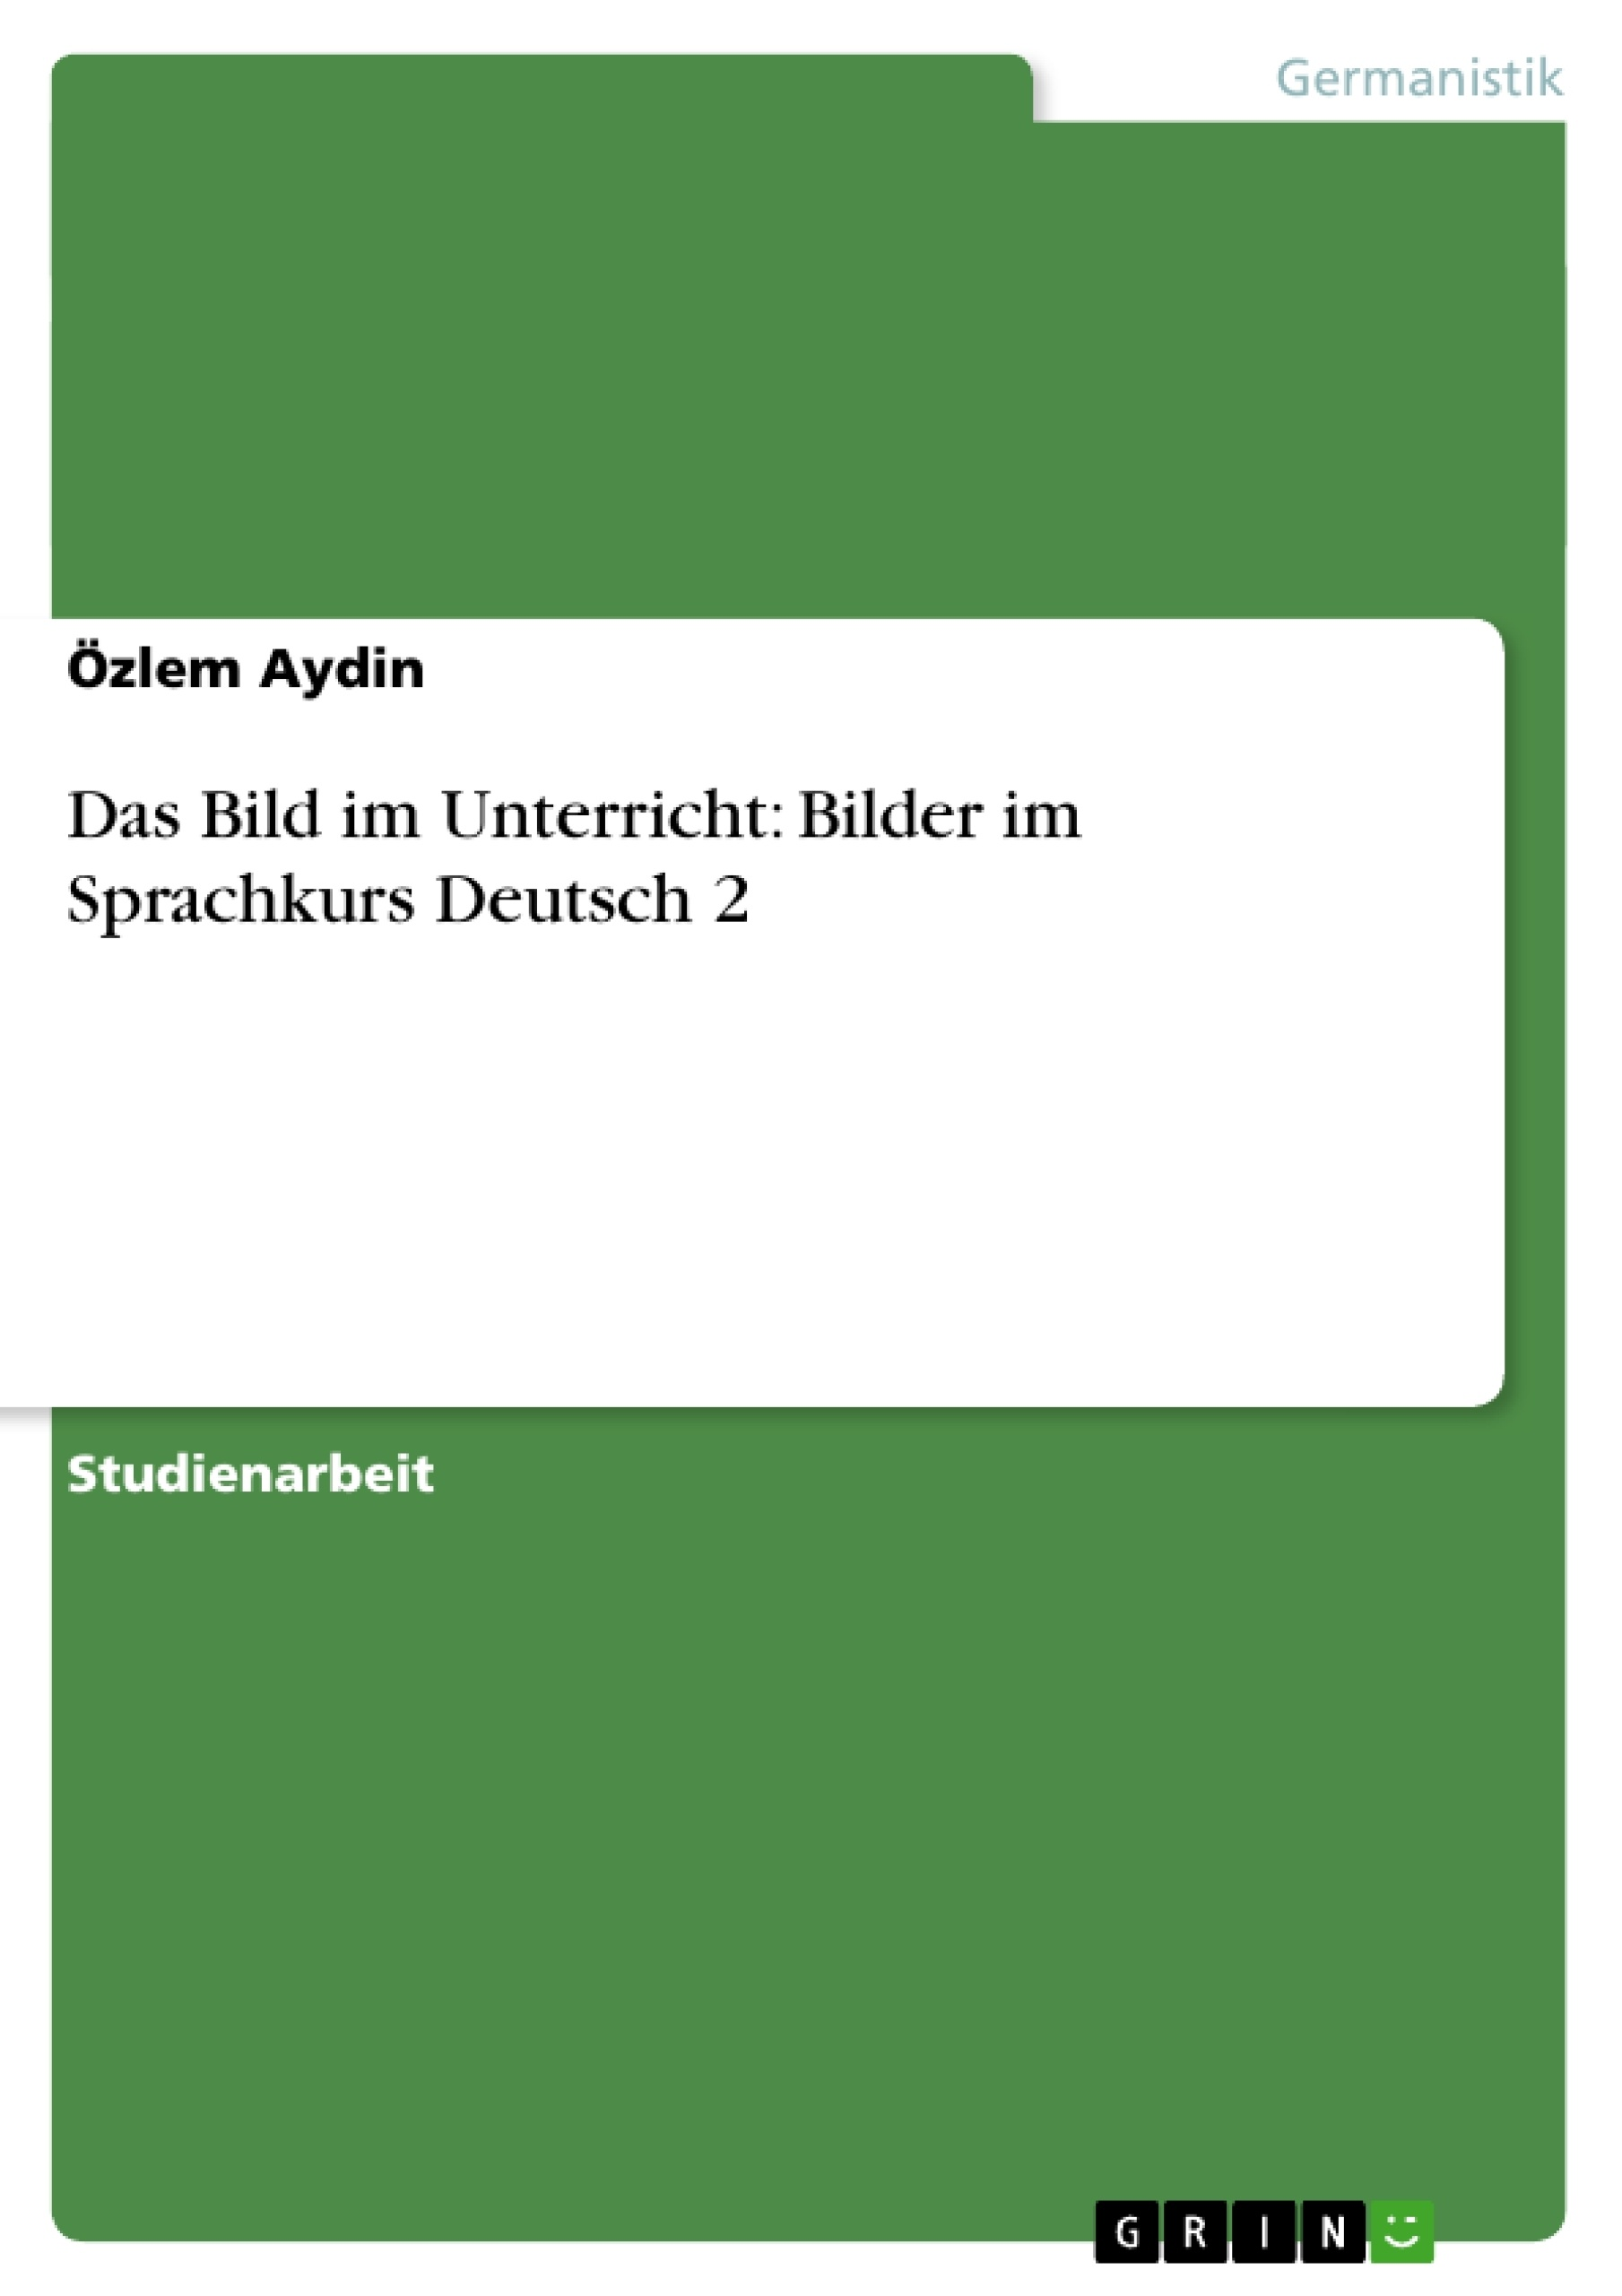 Titel: Das Bild im Unterricht: Bilder im Sprachkurs Deutsch 2